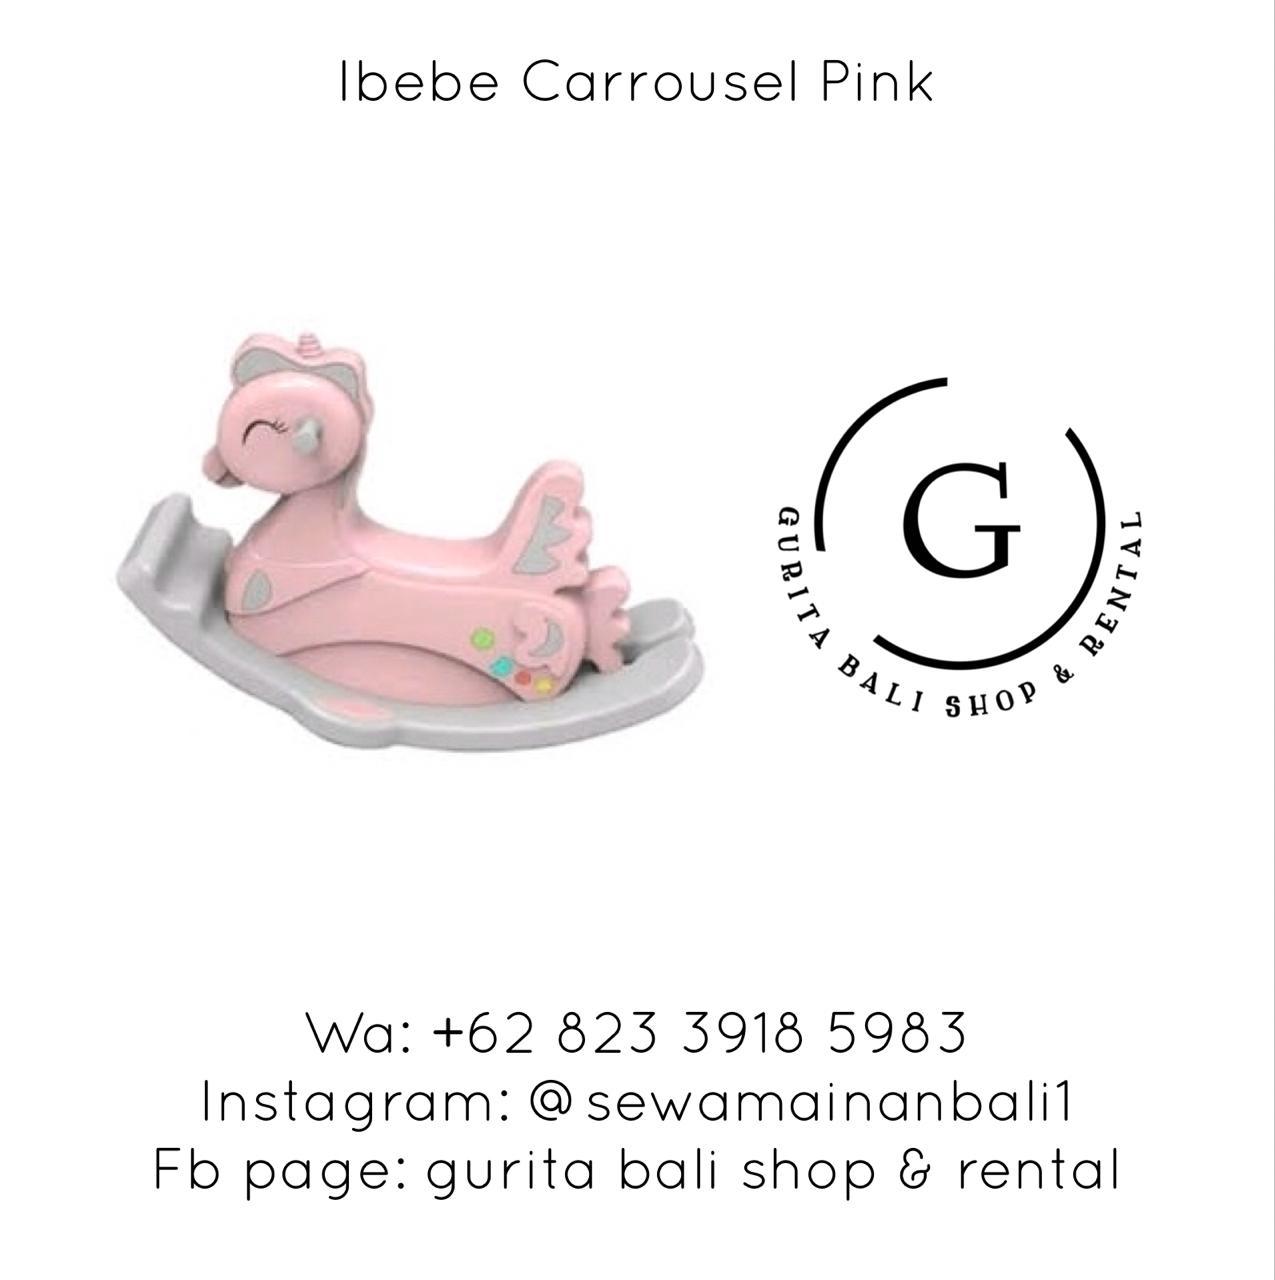 IBEBE CARROUSEL PINK